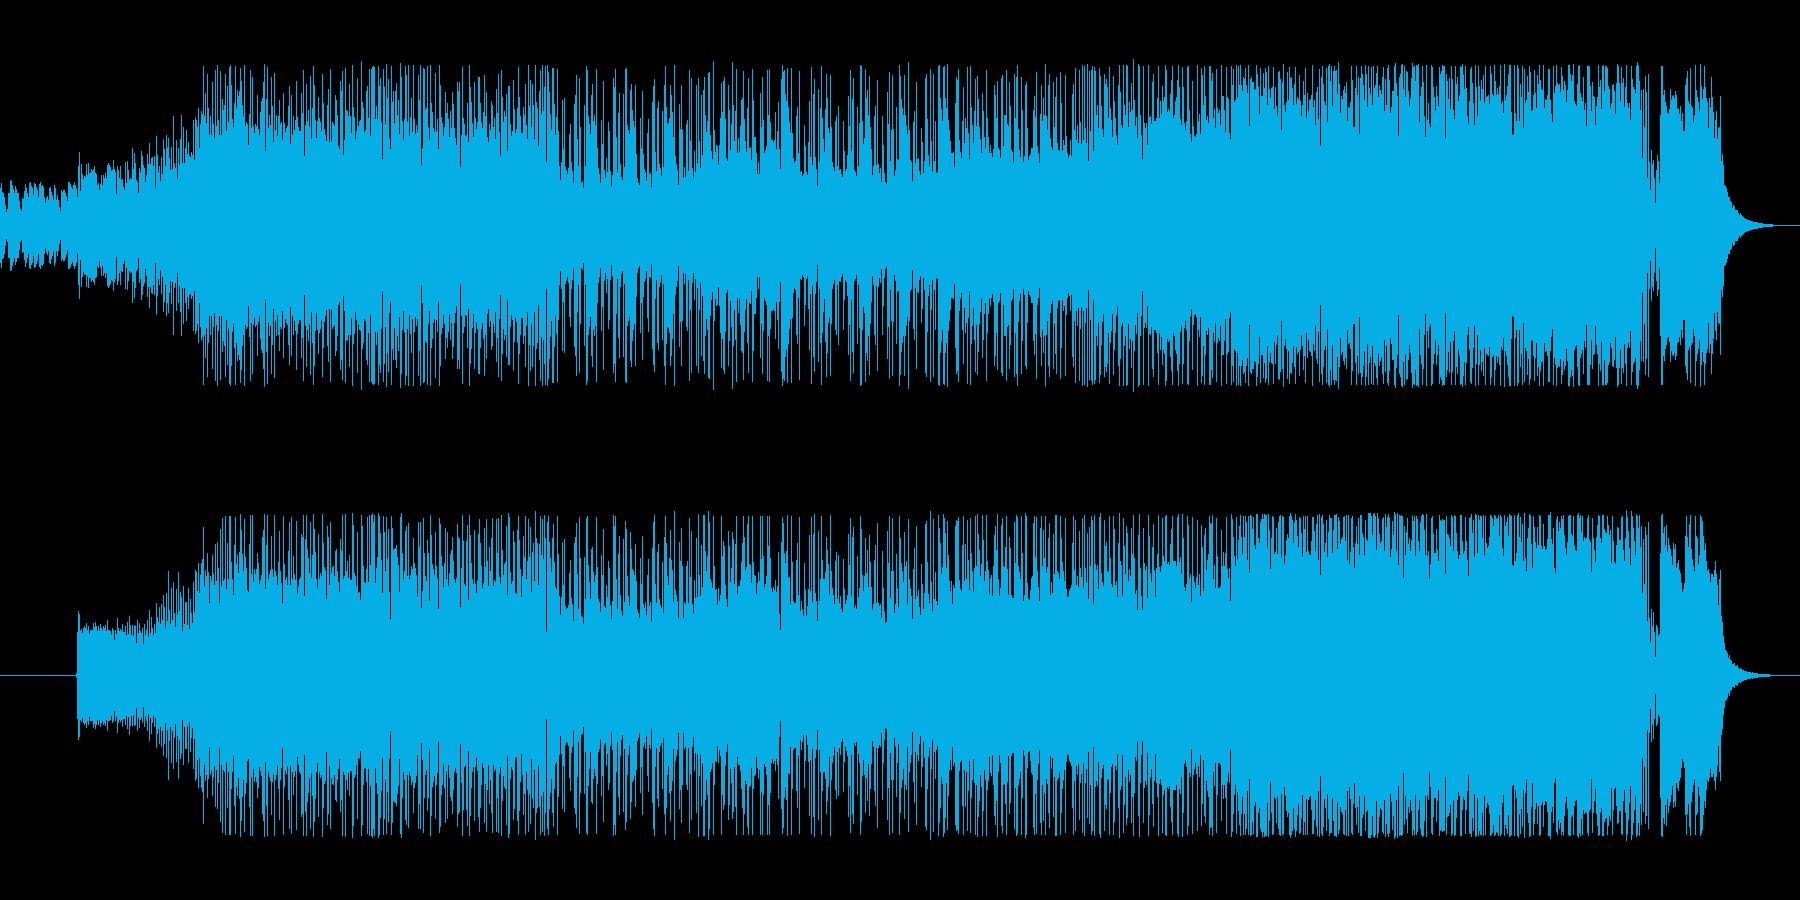 タイトなドラムとギターのハードロックの再生済みの波形